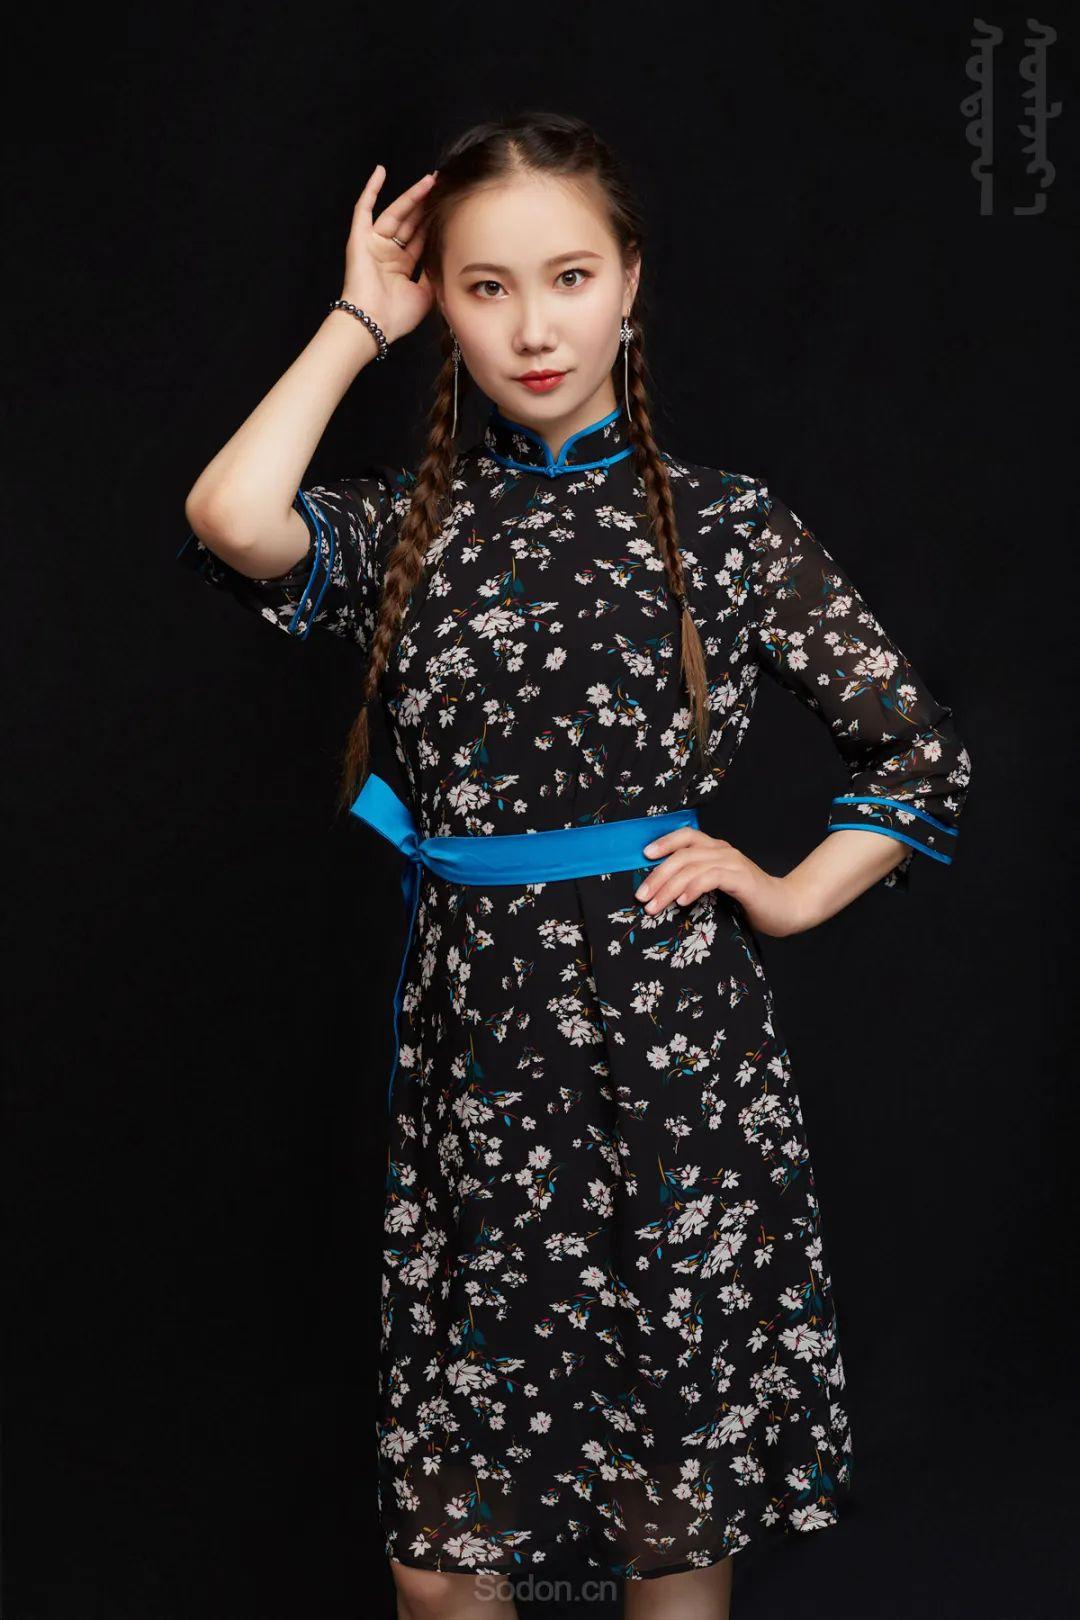 DOMOG蒙古时装2020新款夏季连衣裙首发,618钜惠七折! 第4张